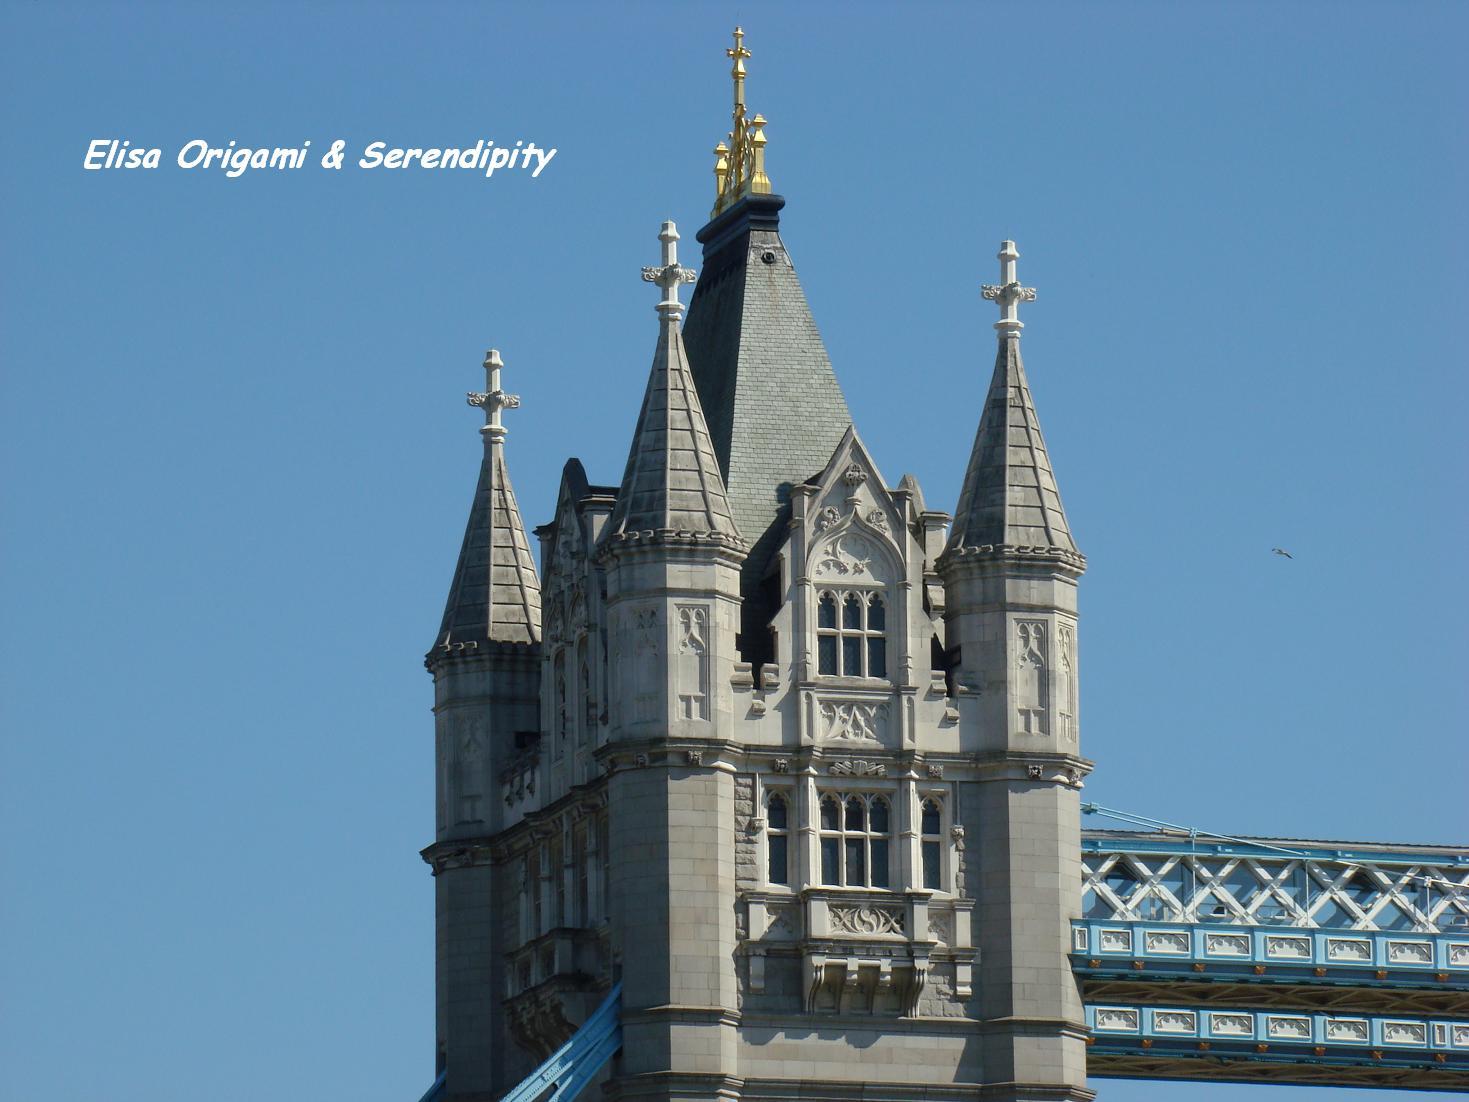 Puente de la Torre, London, Londres, Elisa N, Blog de Viajes, Lifestyle, Travel